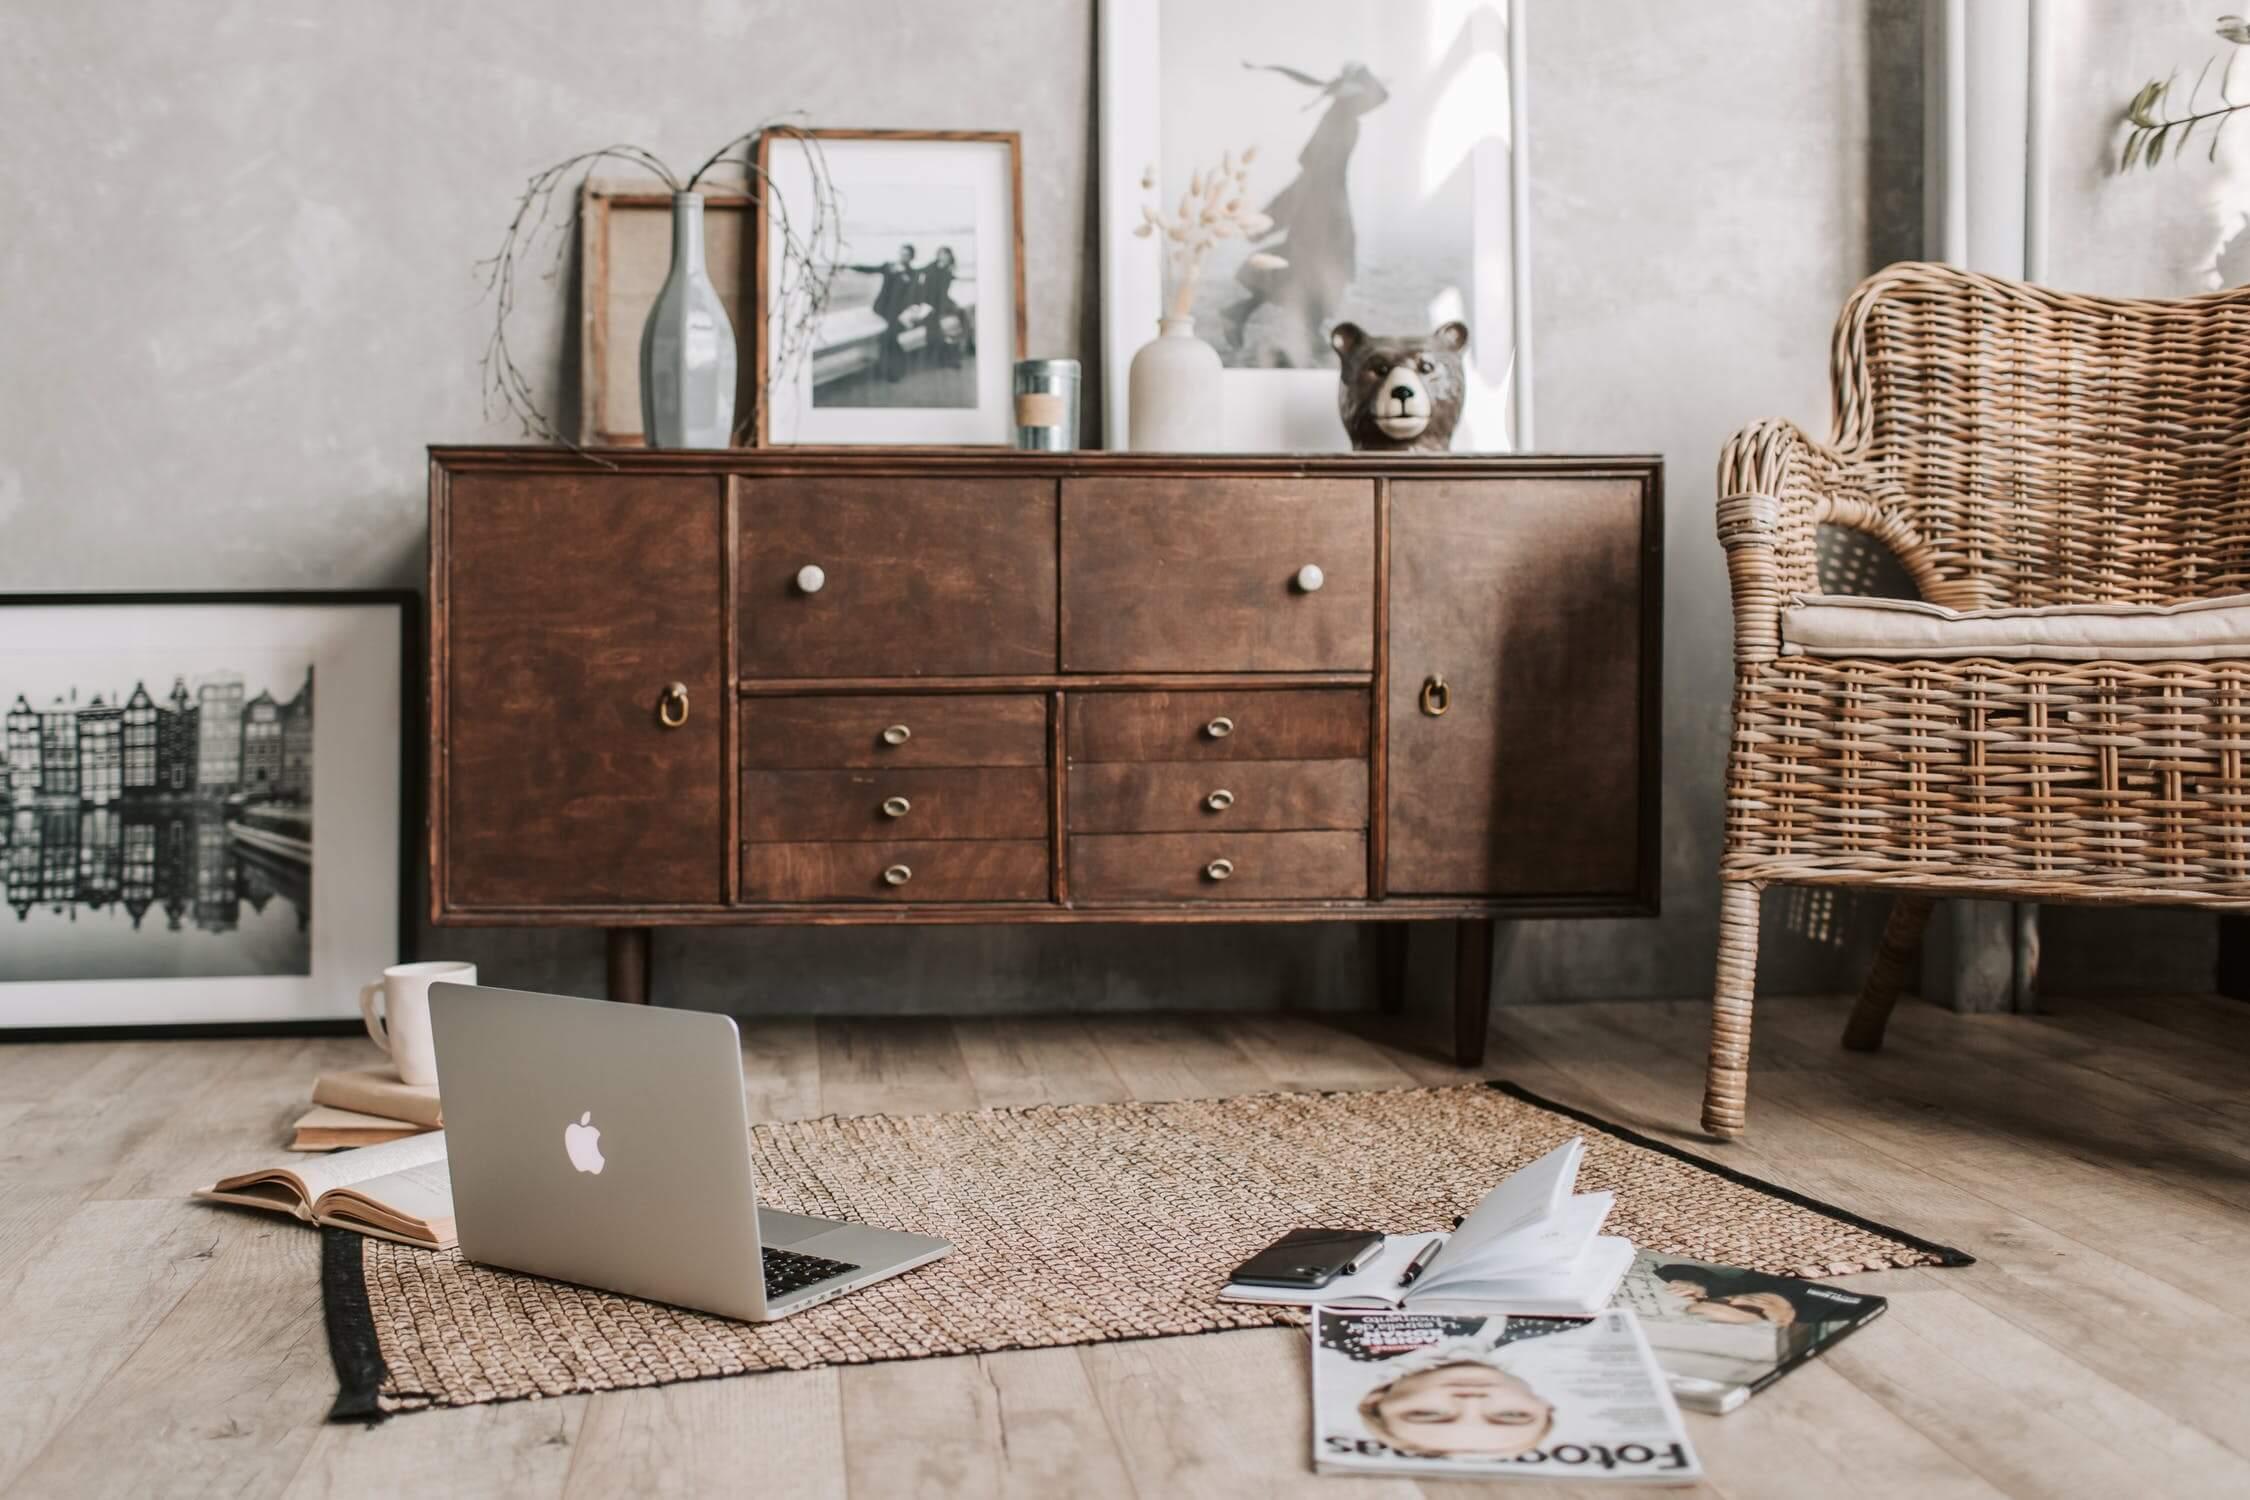 Tendencias en interiorismo cómo vivir y estar en un hogar más confortable, hygge, impulsado por el Covid19. #AnaUtrillainteriorismo #Diseñohogaresconencanto